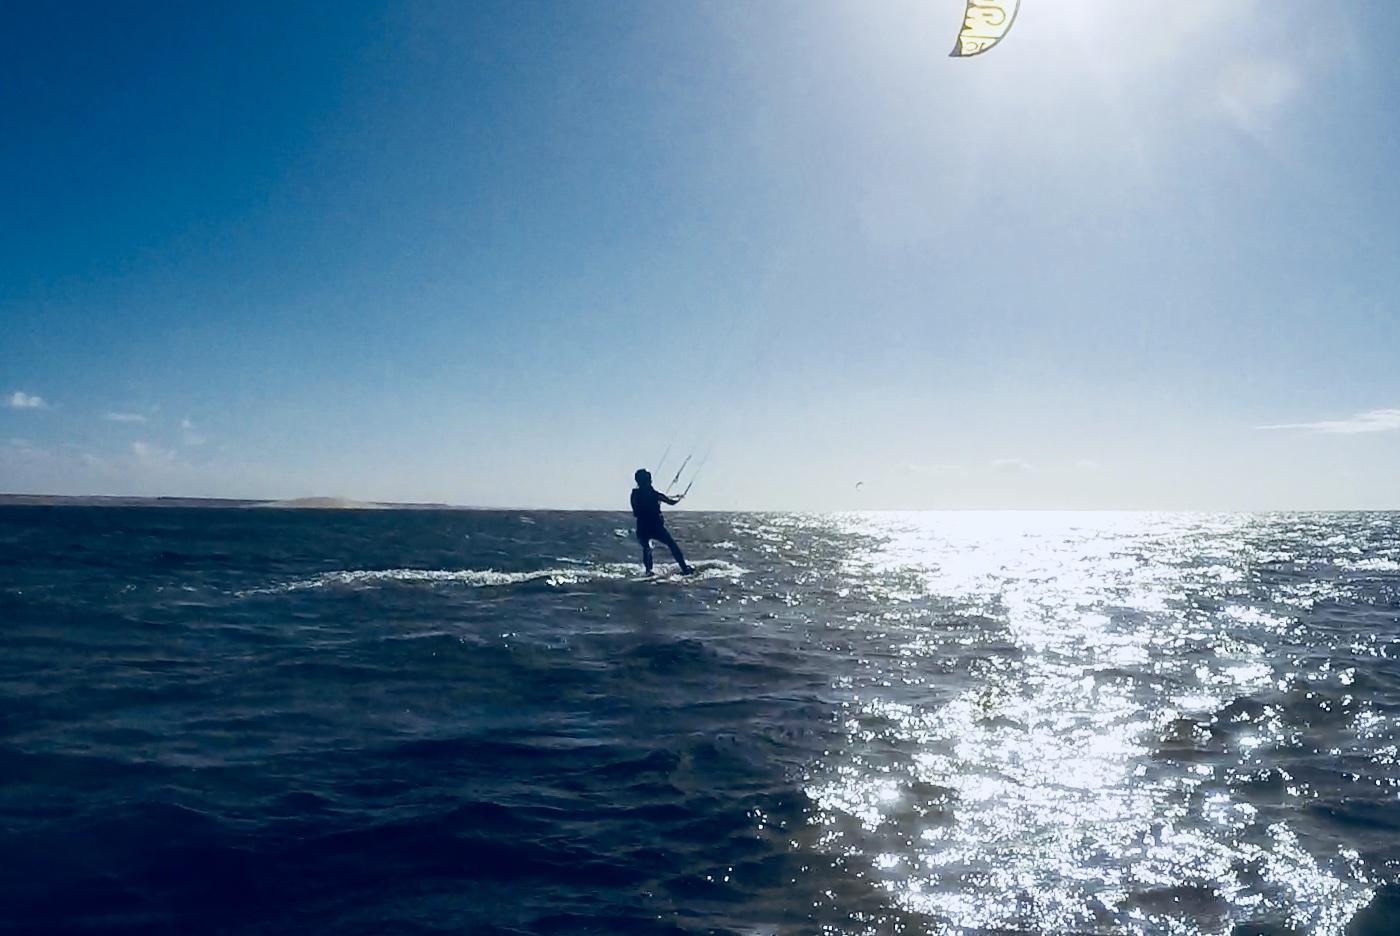 dakhla kitesurf